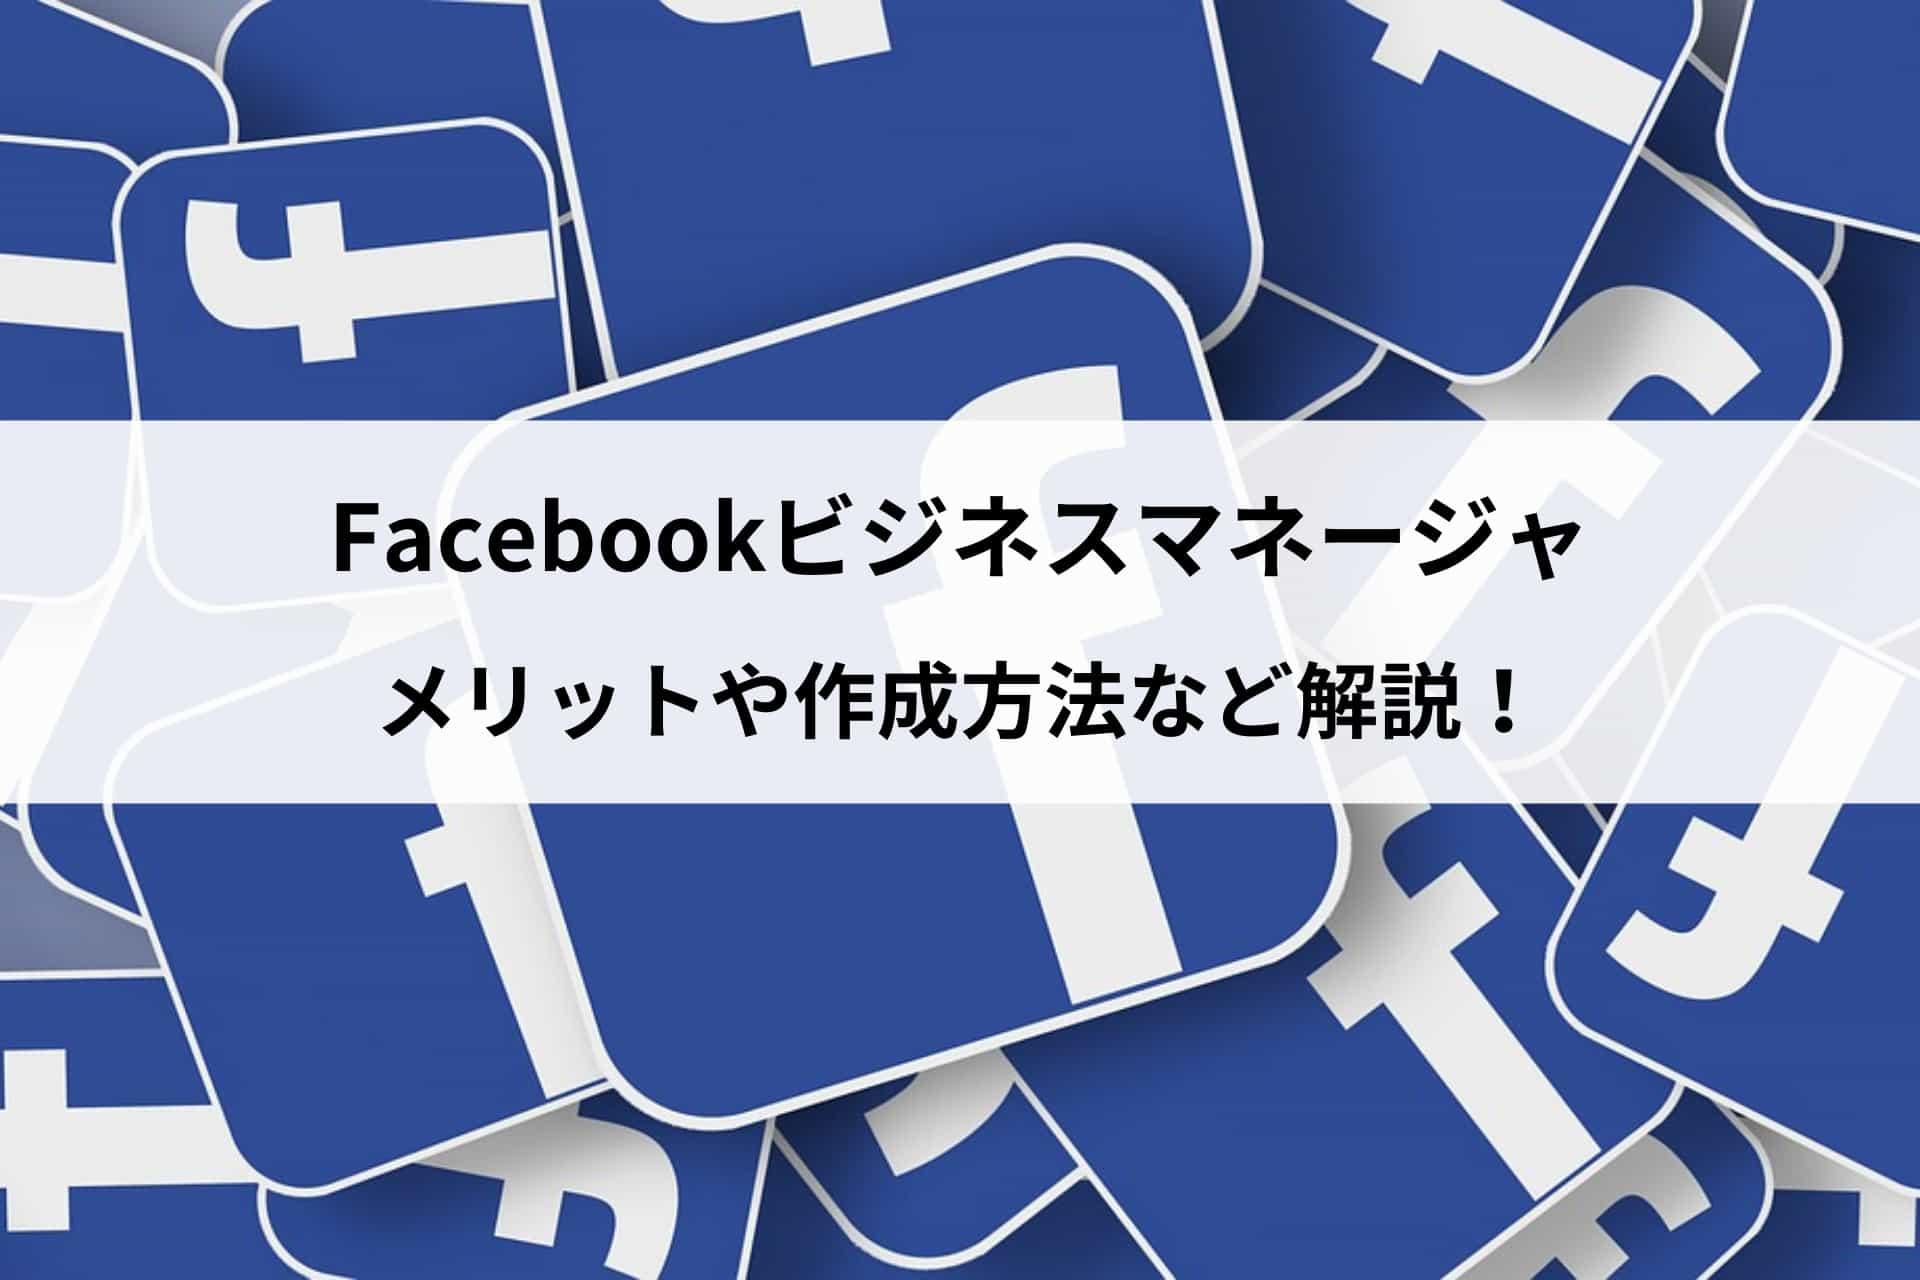 Facebookビジネスマネージャとは?メリットや作成方法など解説!